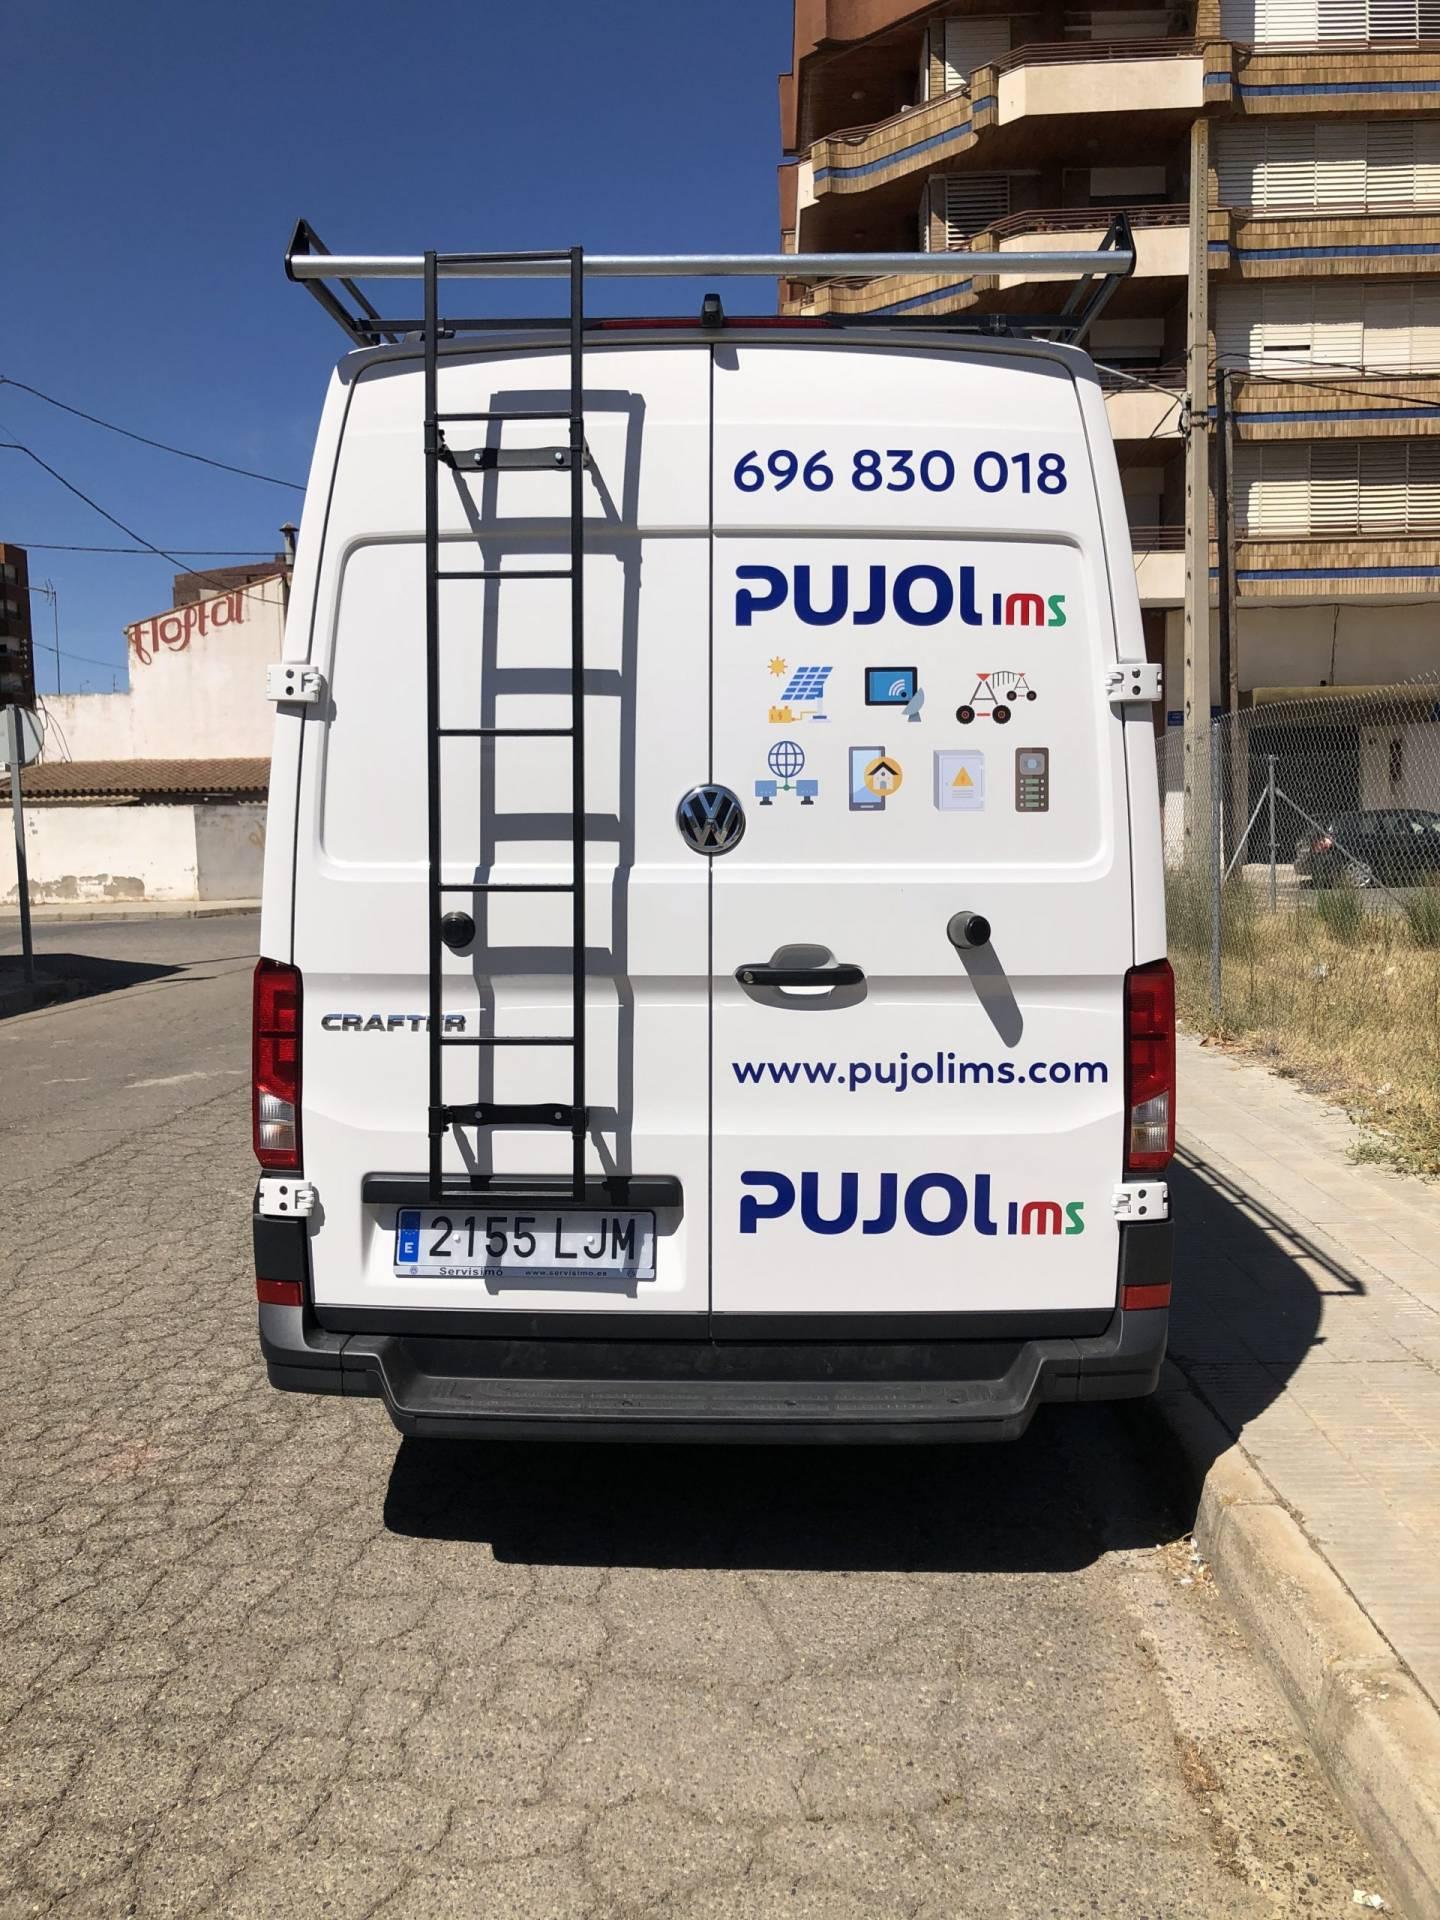 Rotulación furgoneta pujol ims _ Terrecrea